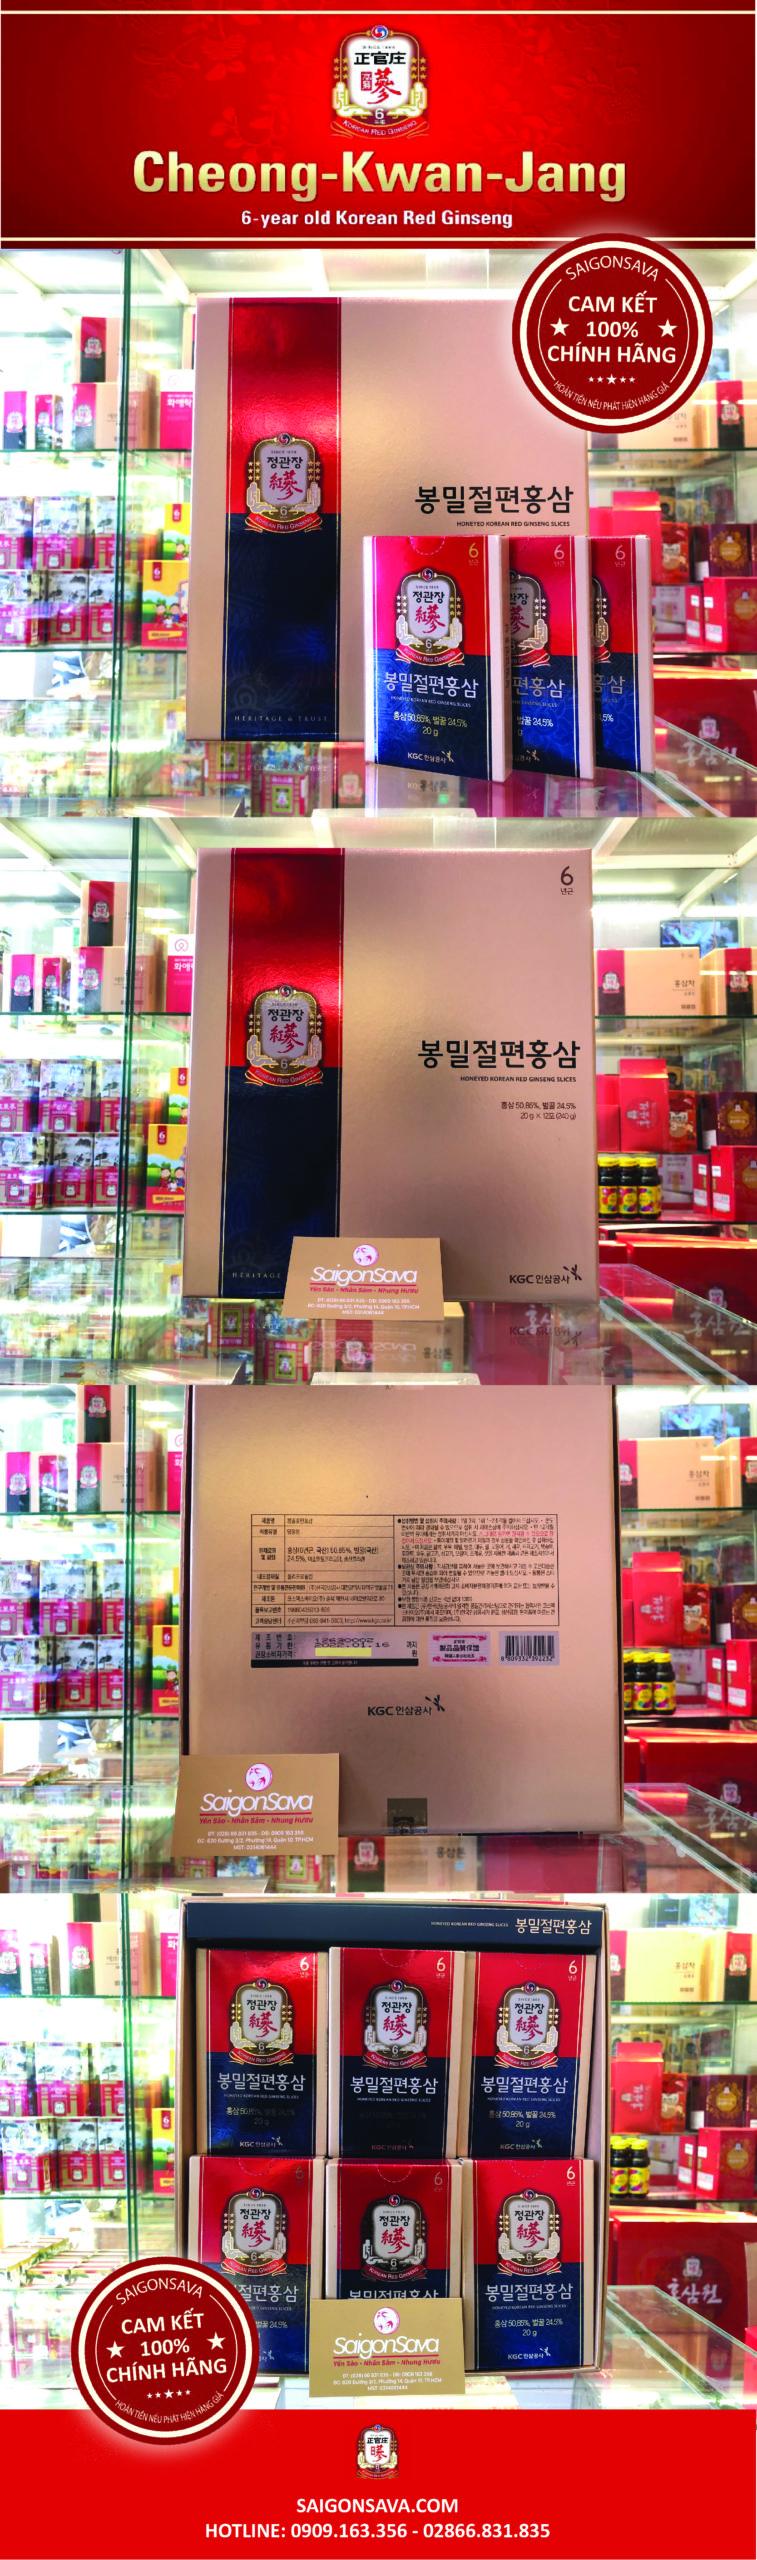 hồng sâm tẩm mật ong xắt lát kgc 240g